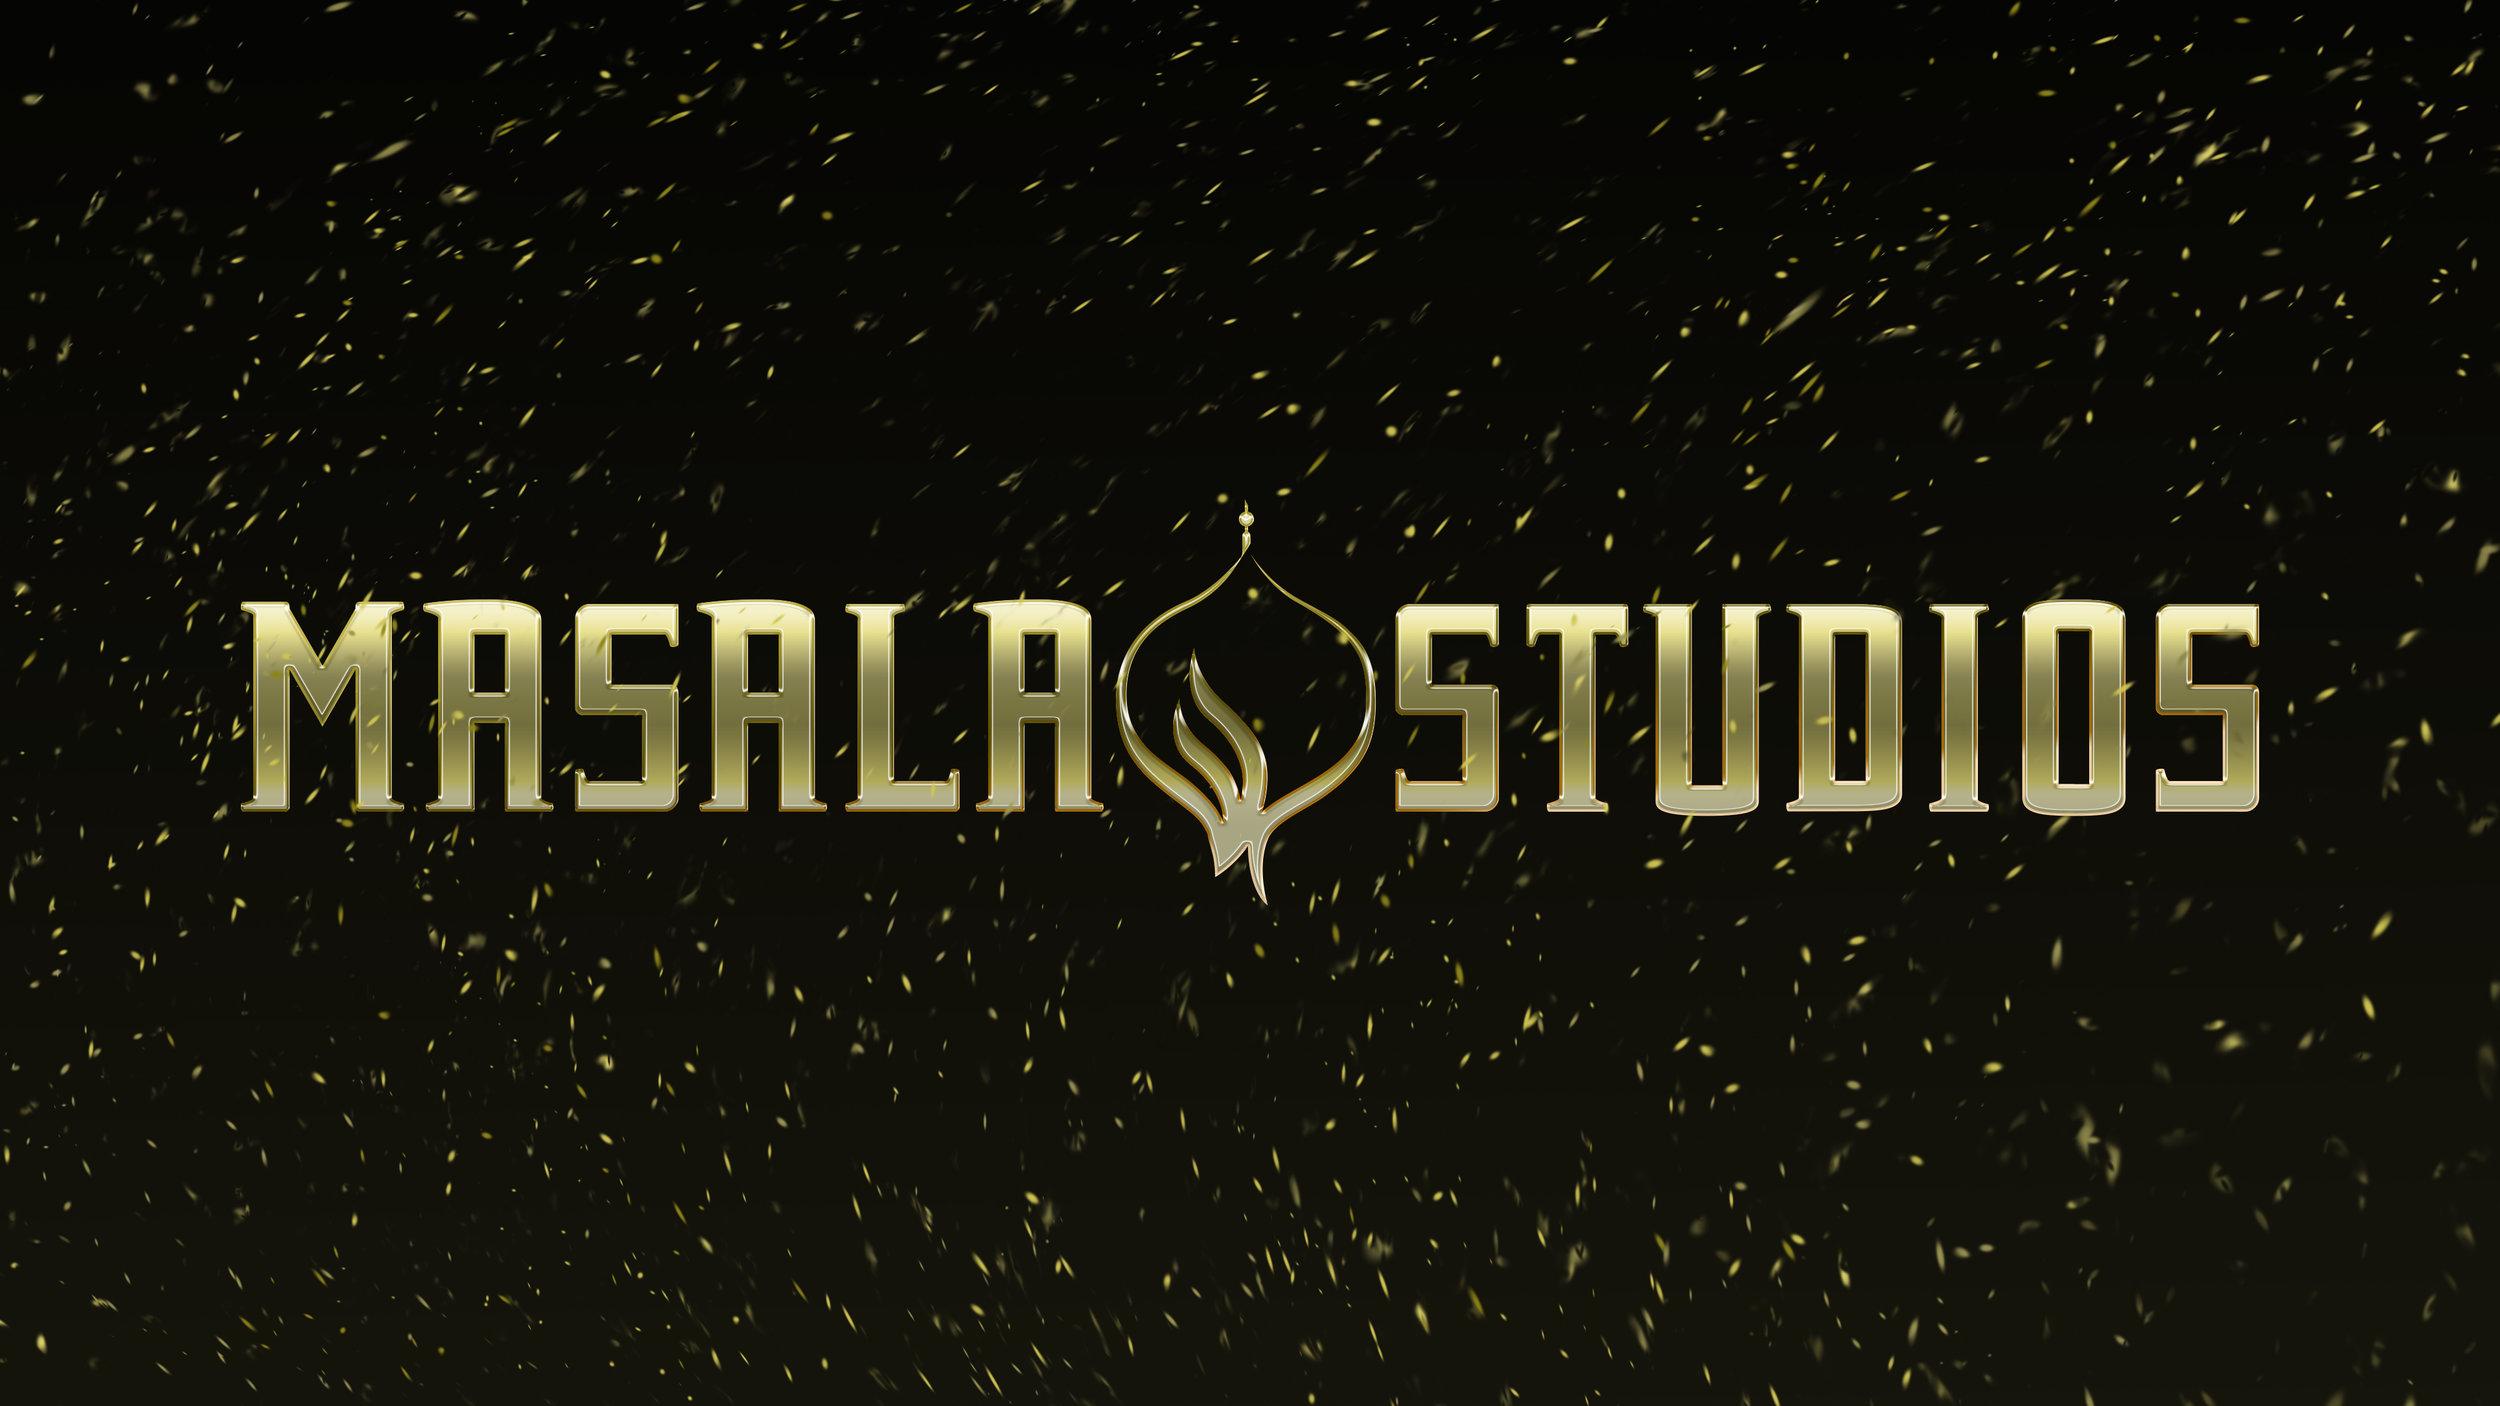 Masala Studios 4K Wallpaper